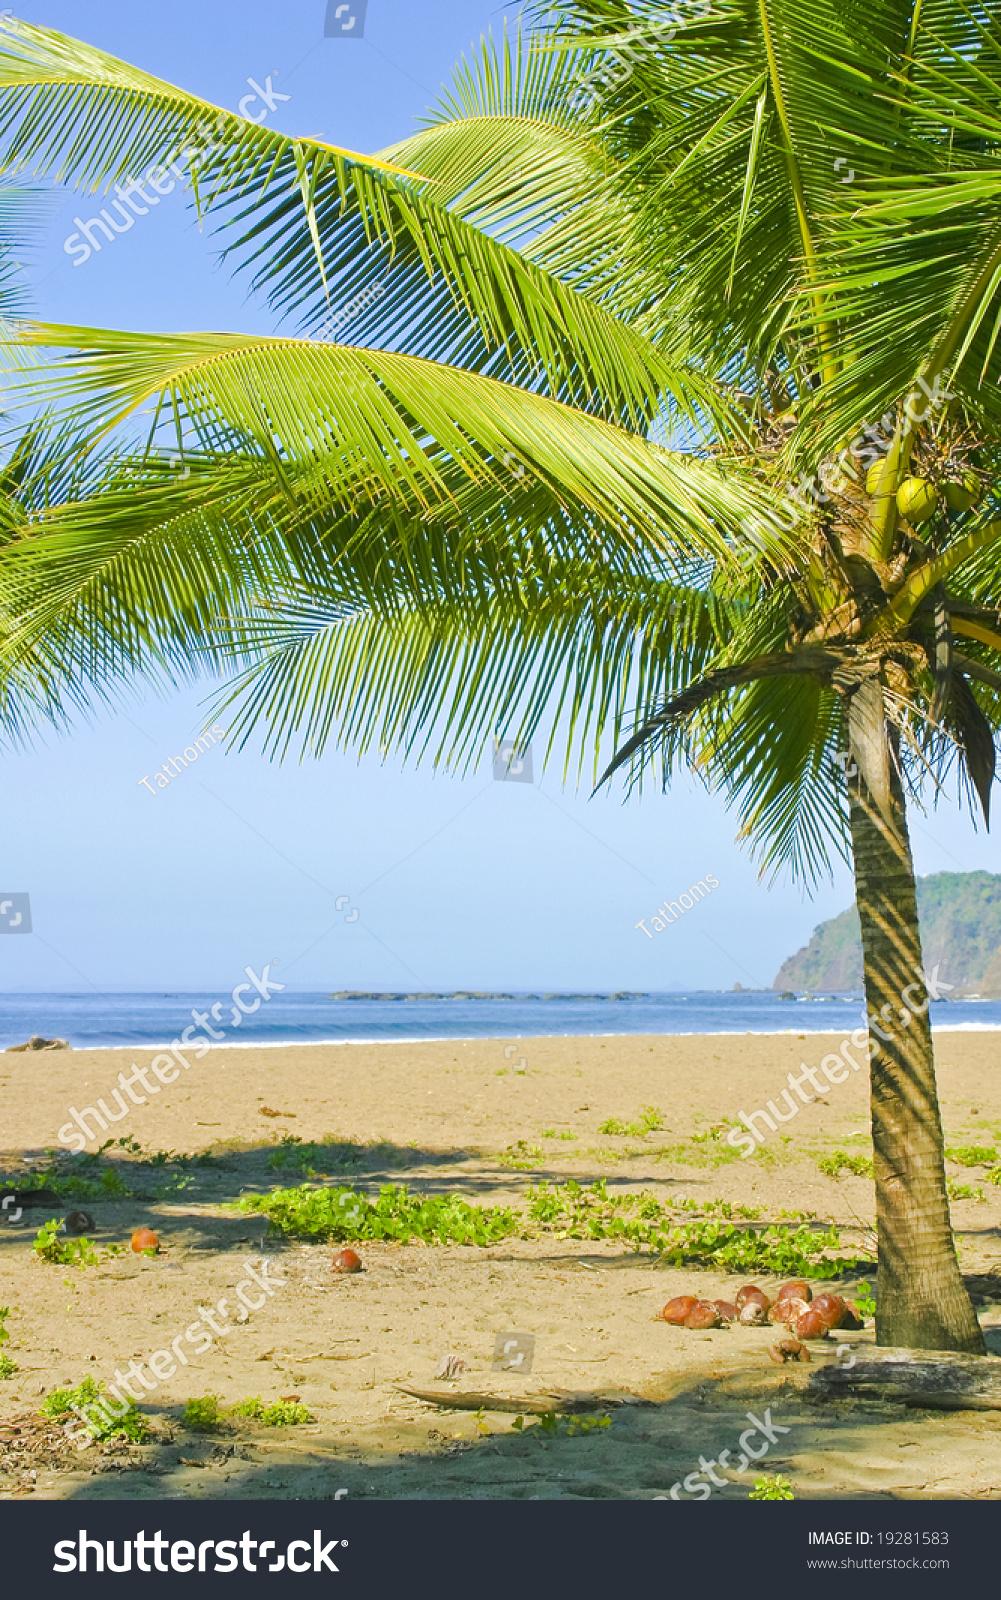 Jako beach, Costa Rica